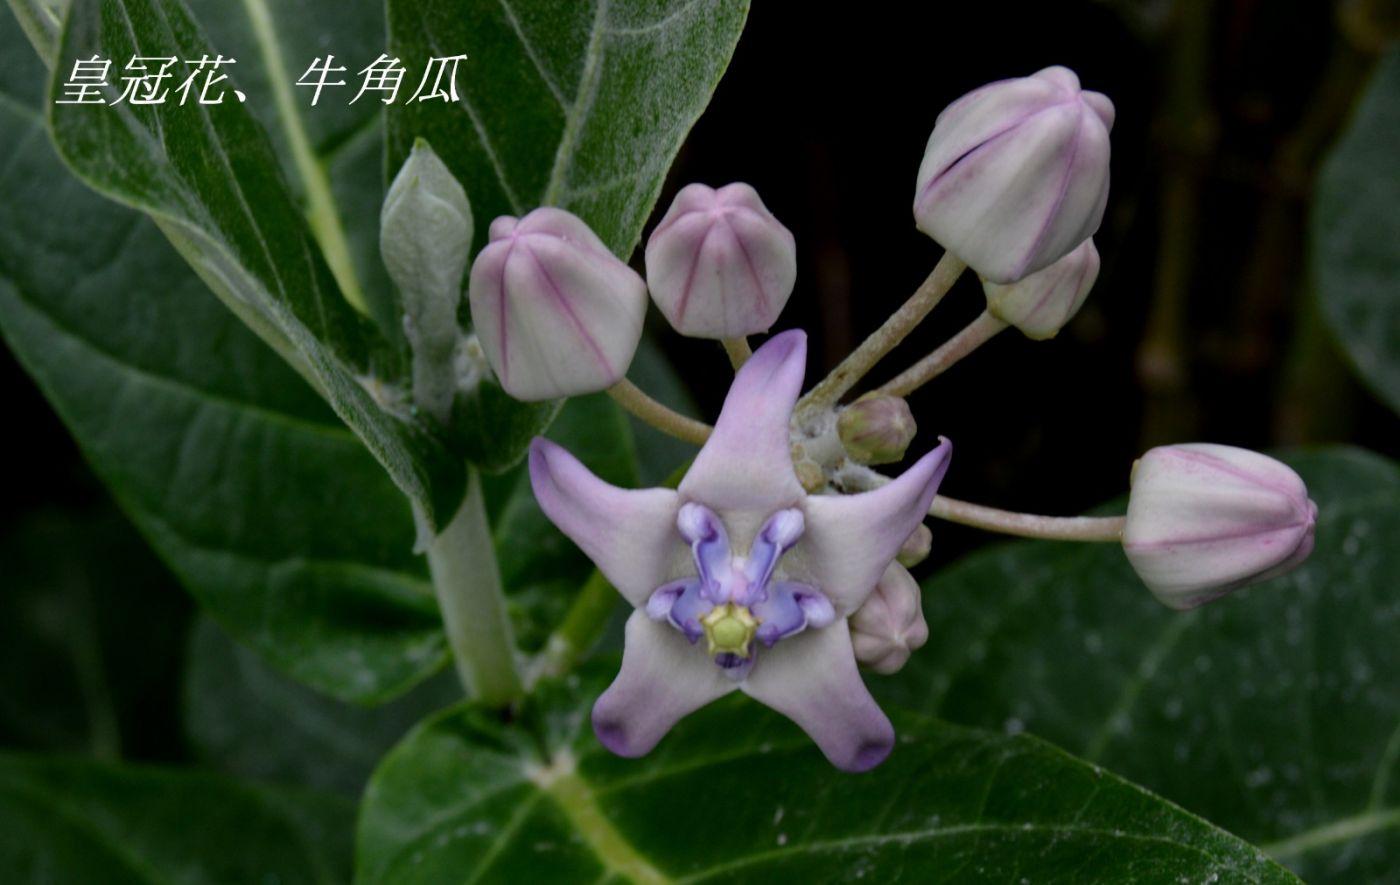 花草图谱 (3)_图1-29